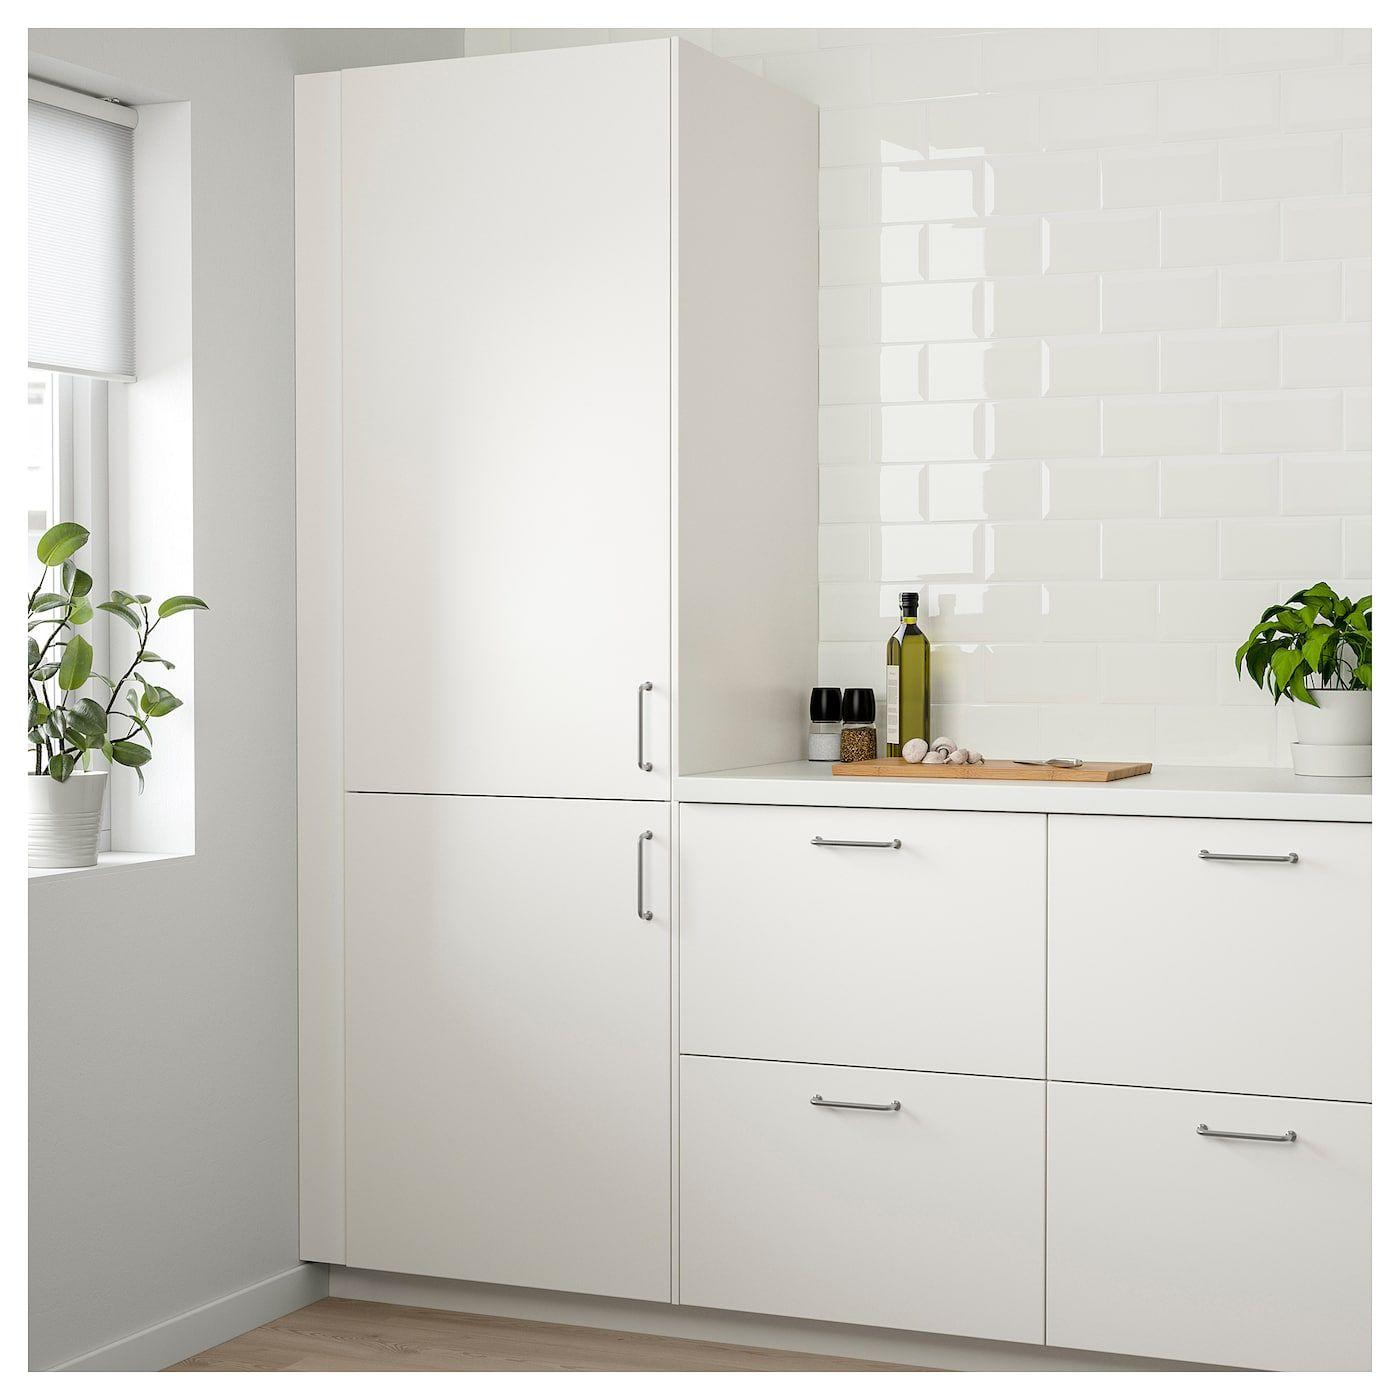 Tür Veddinge Weiß In 2019 Comenius Weiße Türen Ikea Und